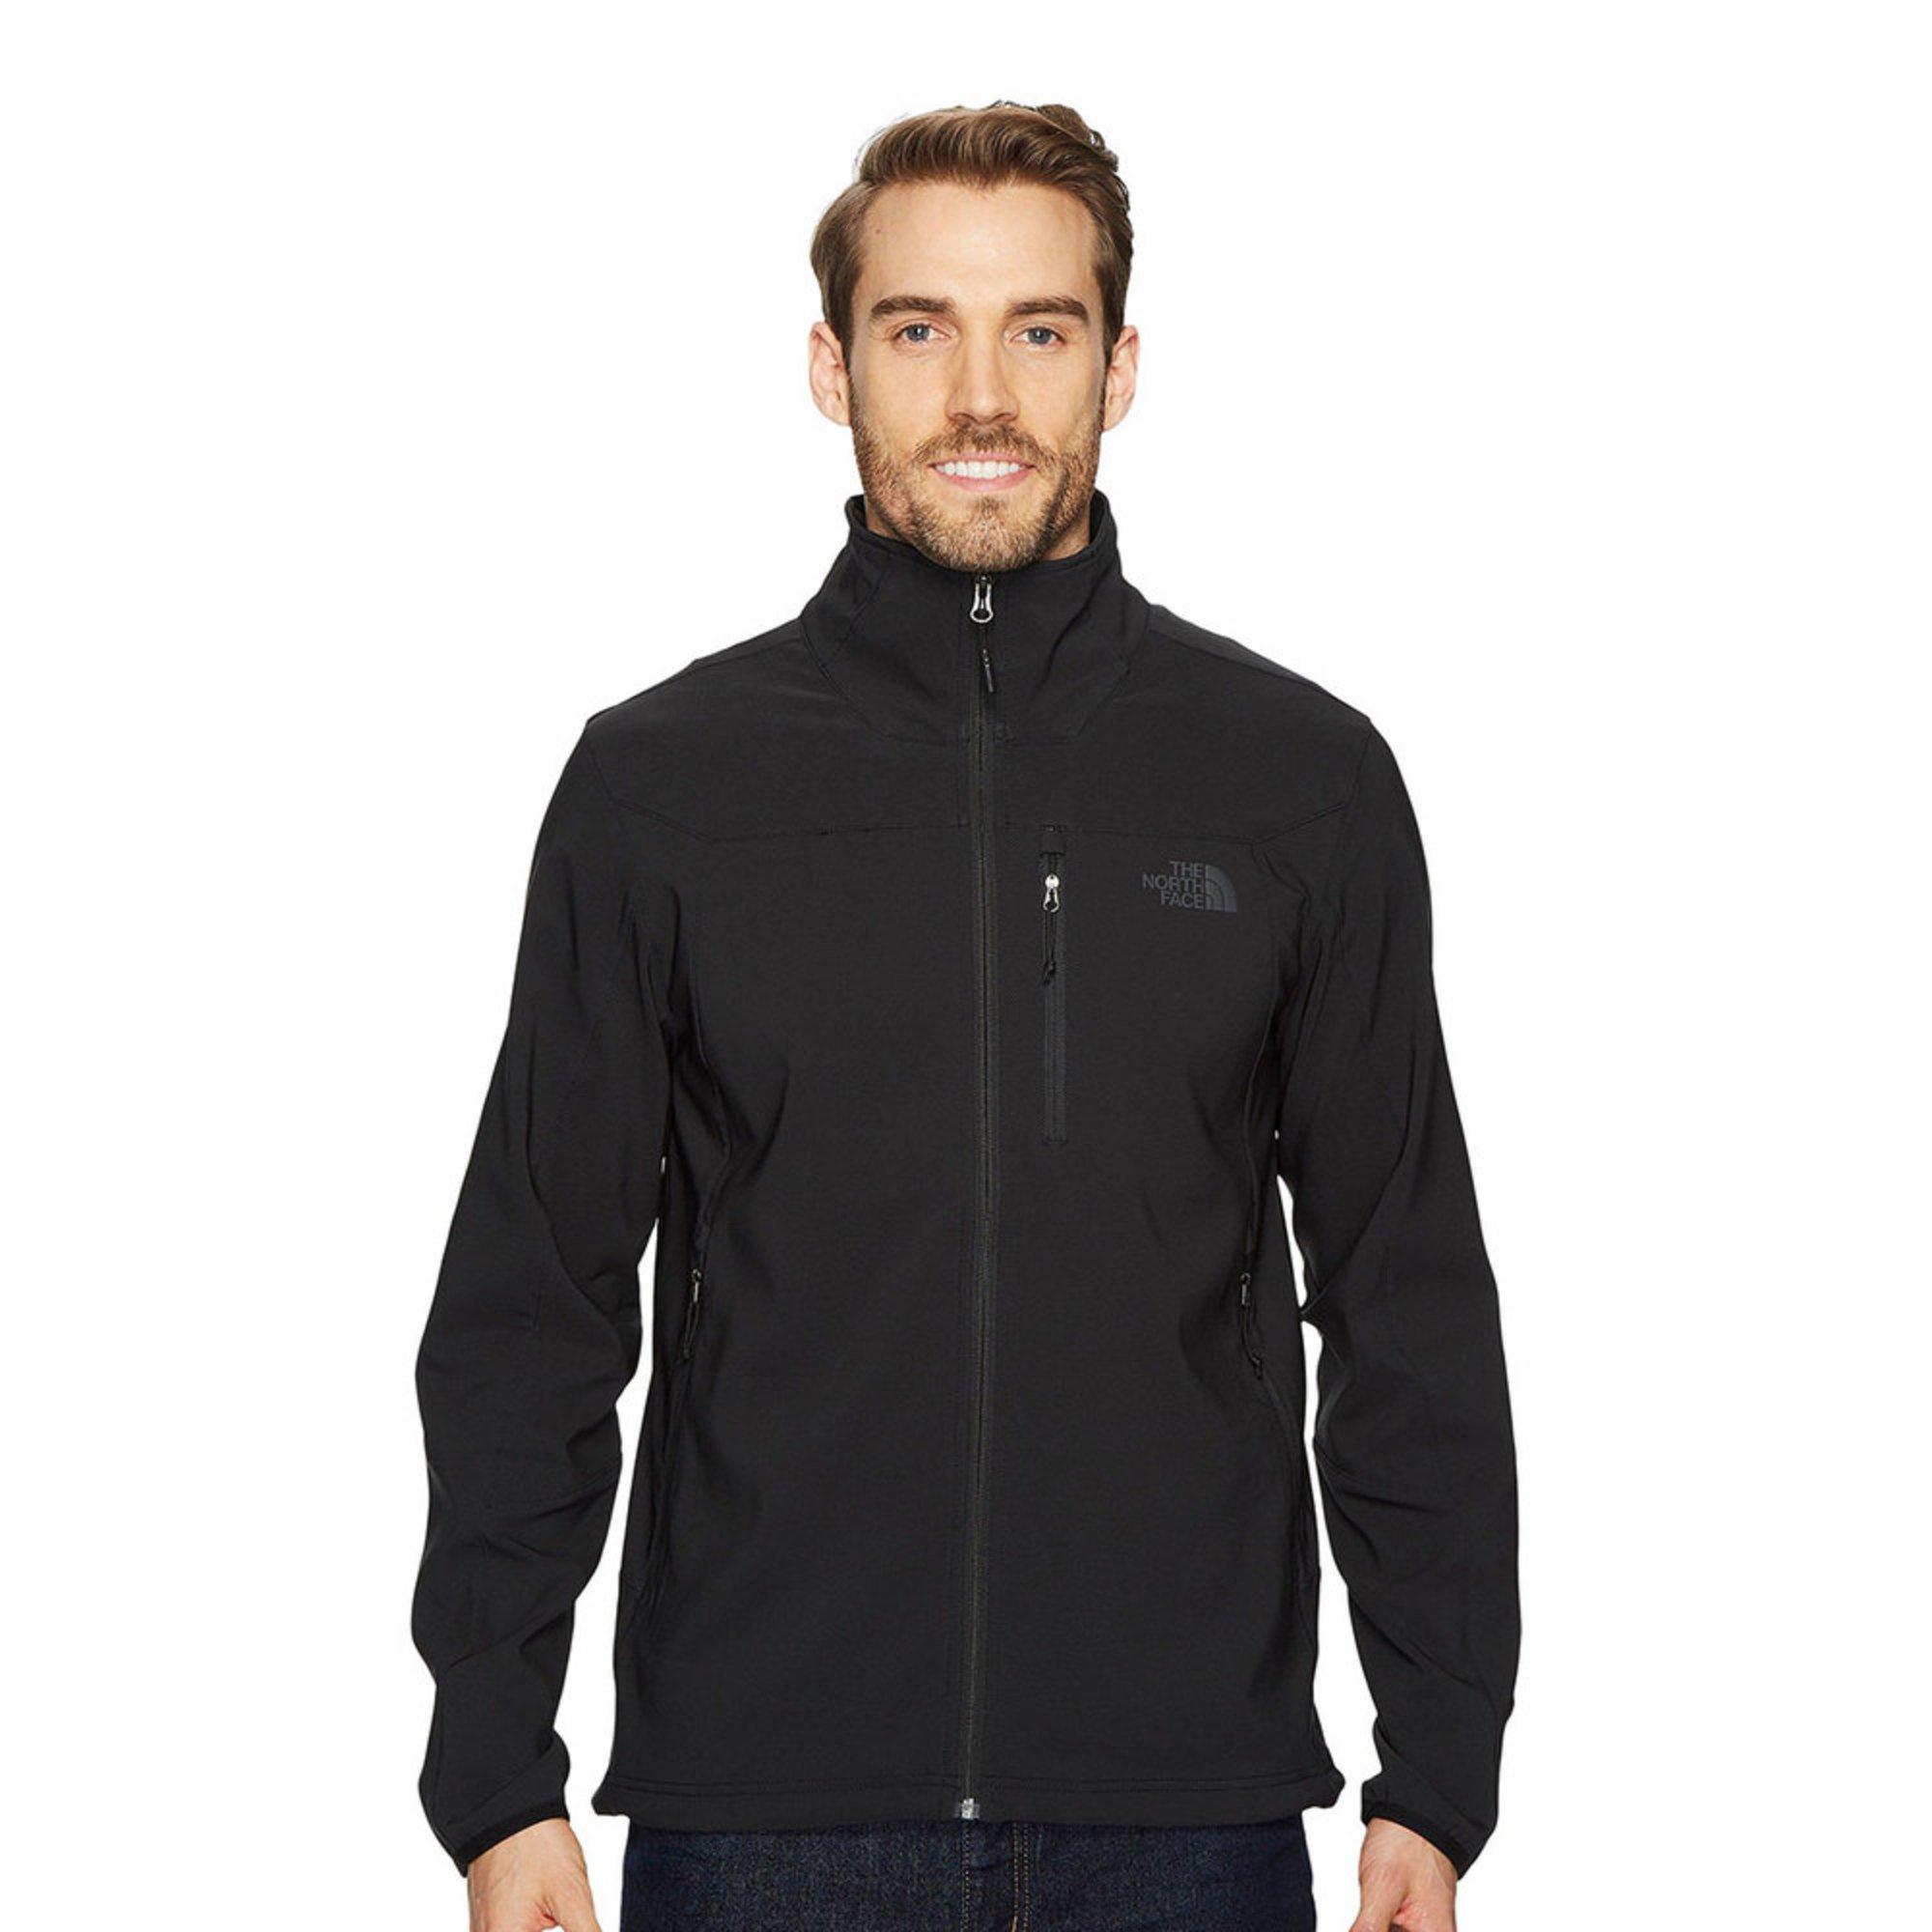 4173d11f6 The North Face Men's Apex Nimble Jacket